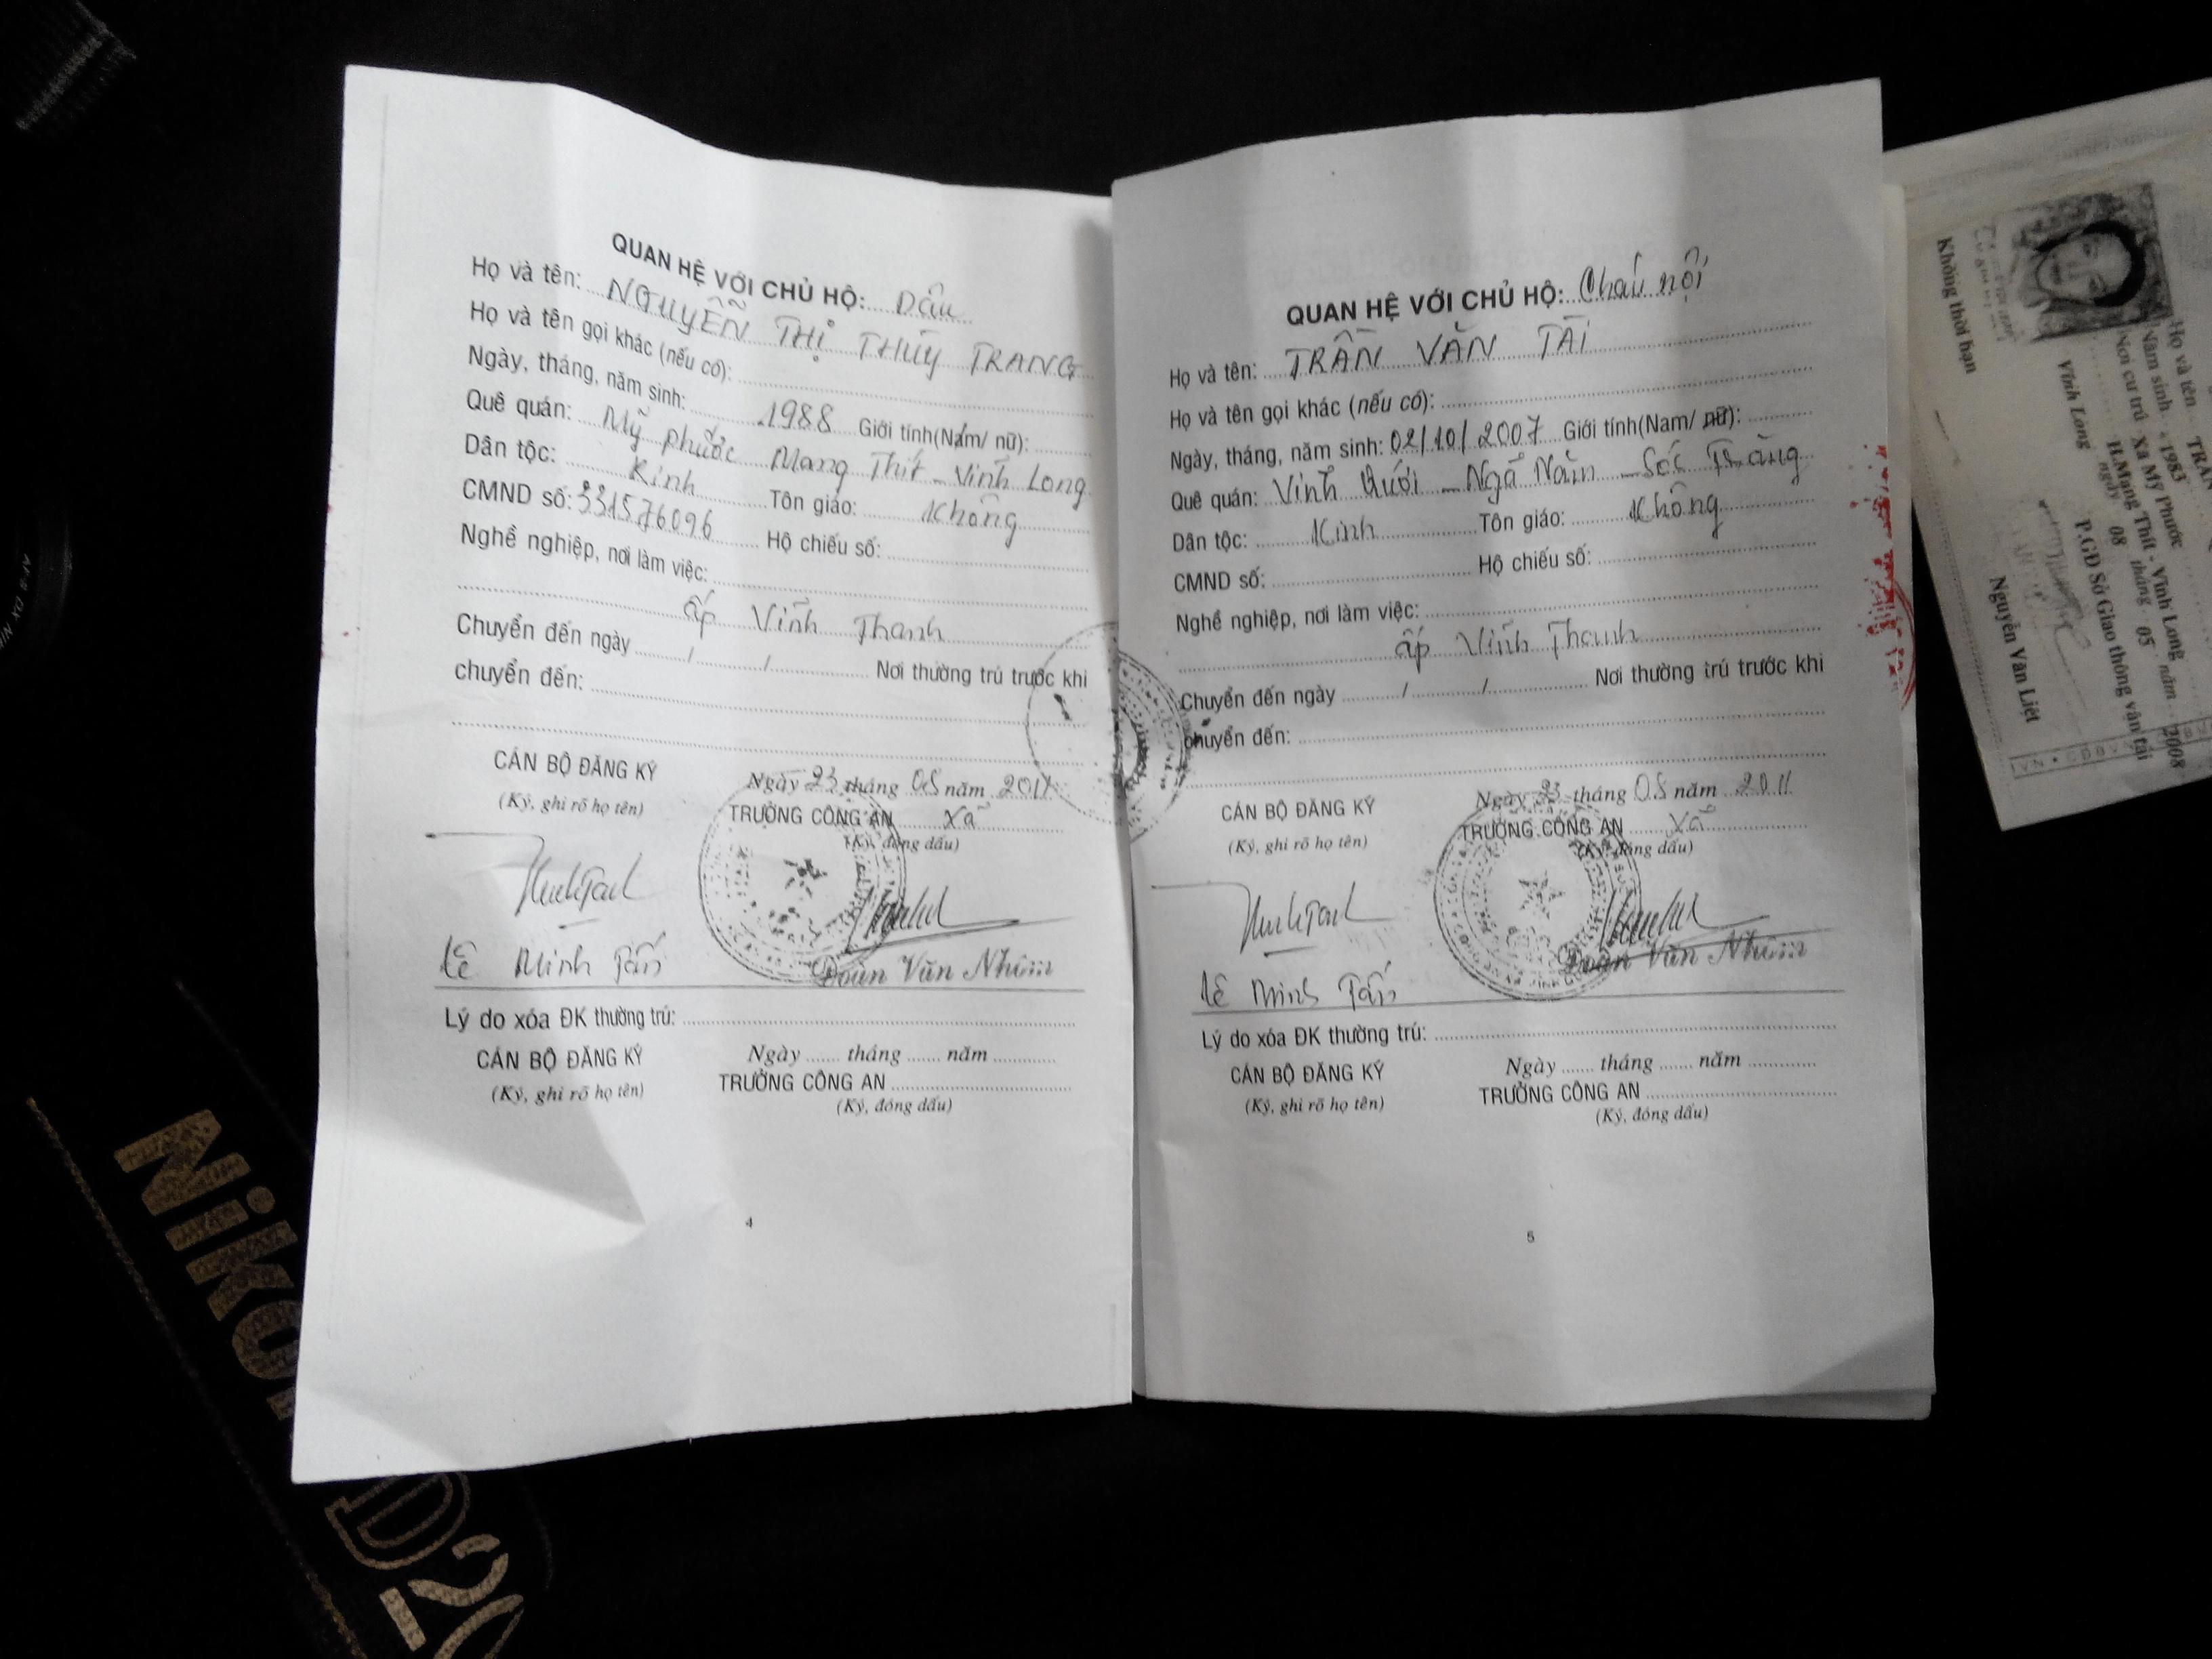 Sổ hộ khẩu gia đình có tên Trần Thị Thùy Trang